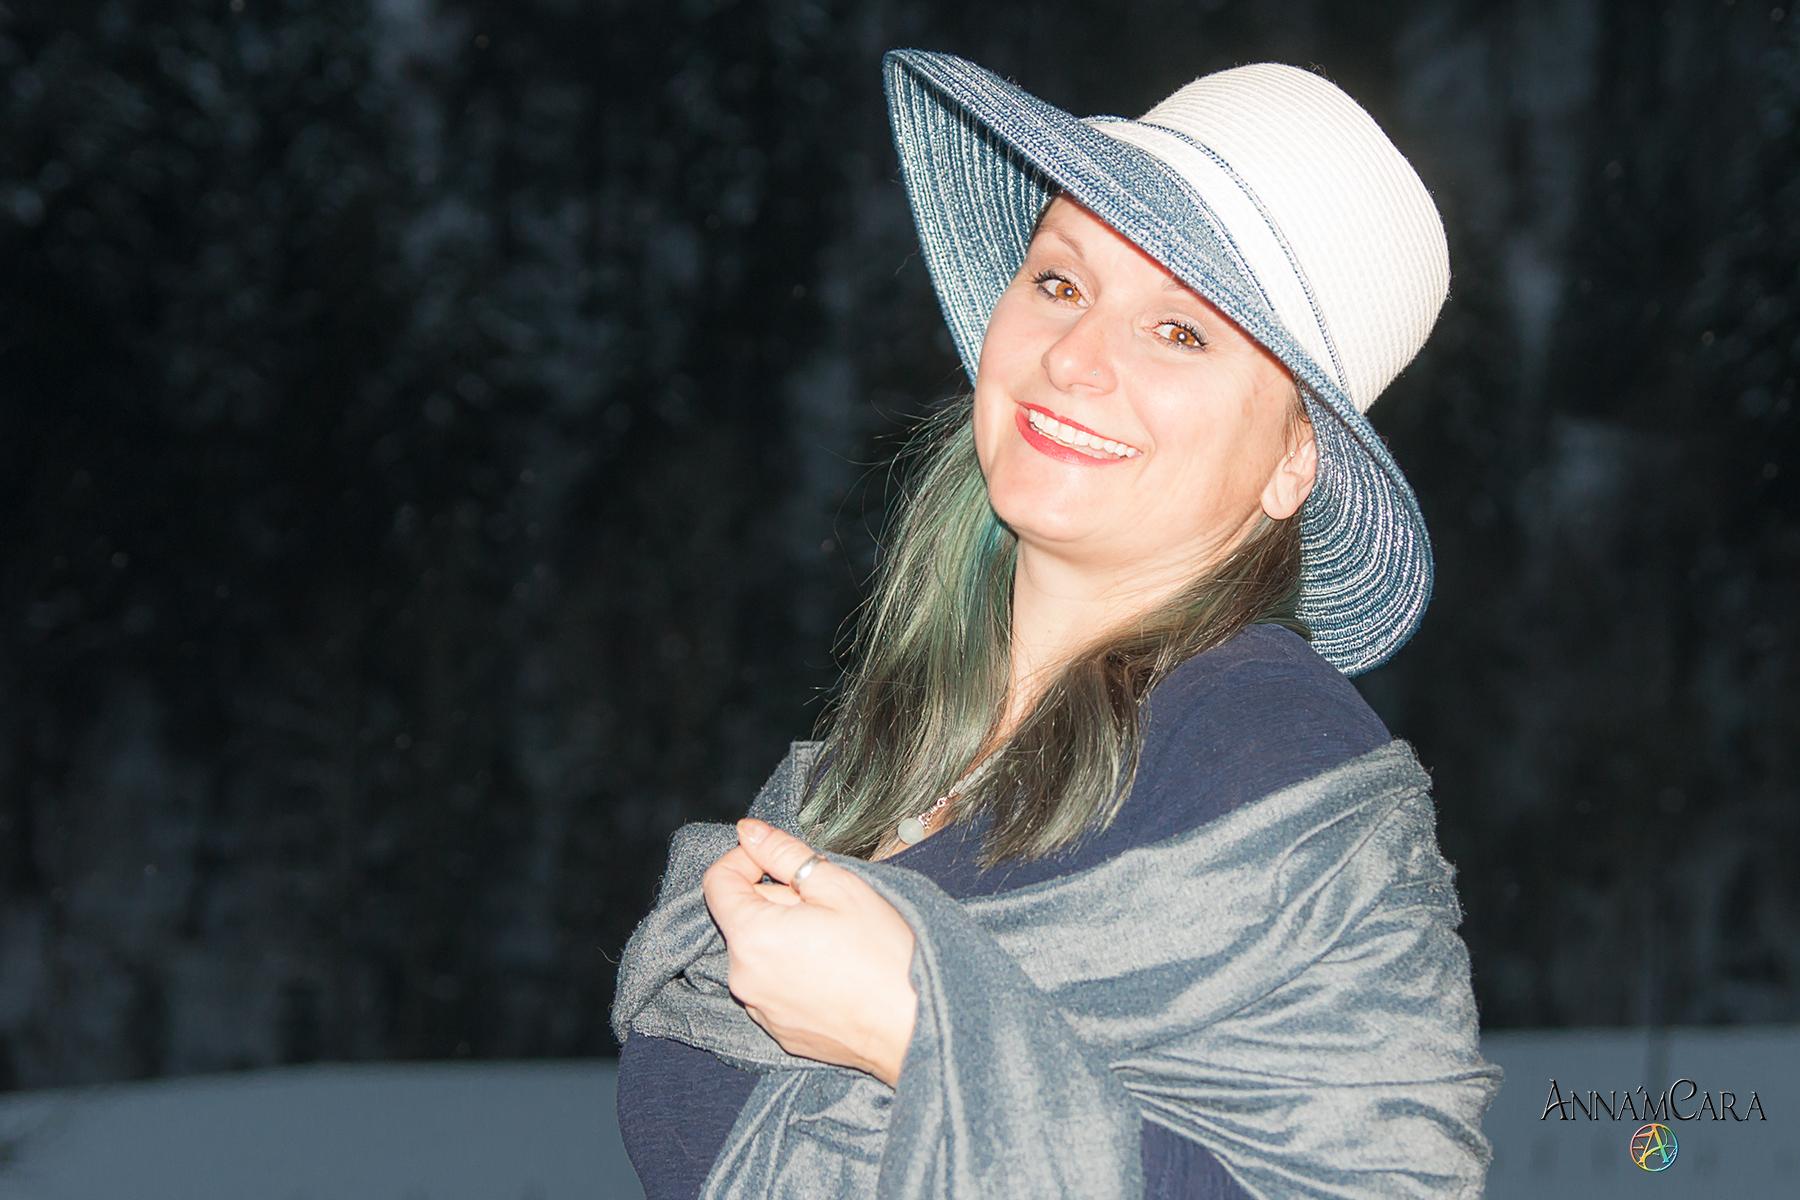 Anna'mCara - Blau machen 2021 - Tag 28 - 28. Juli 2021